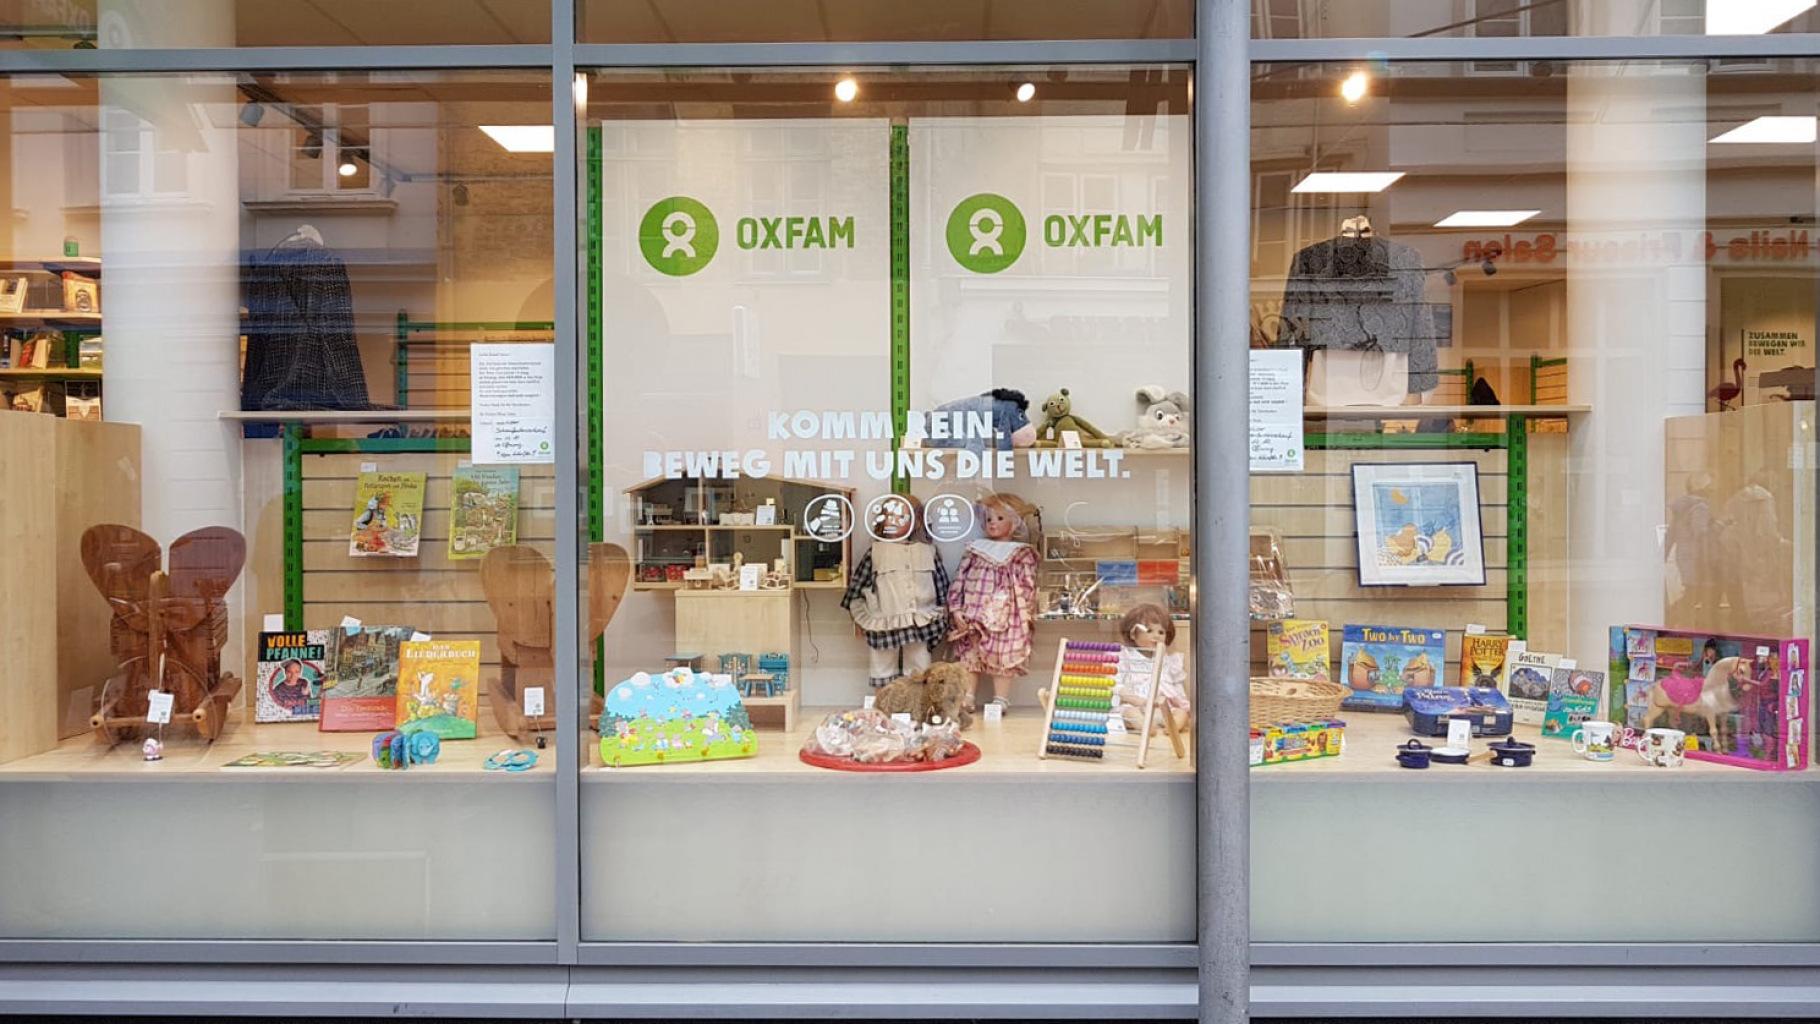 Kinderangebot im Schaufenster eines Oxfam Shops